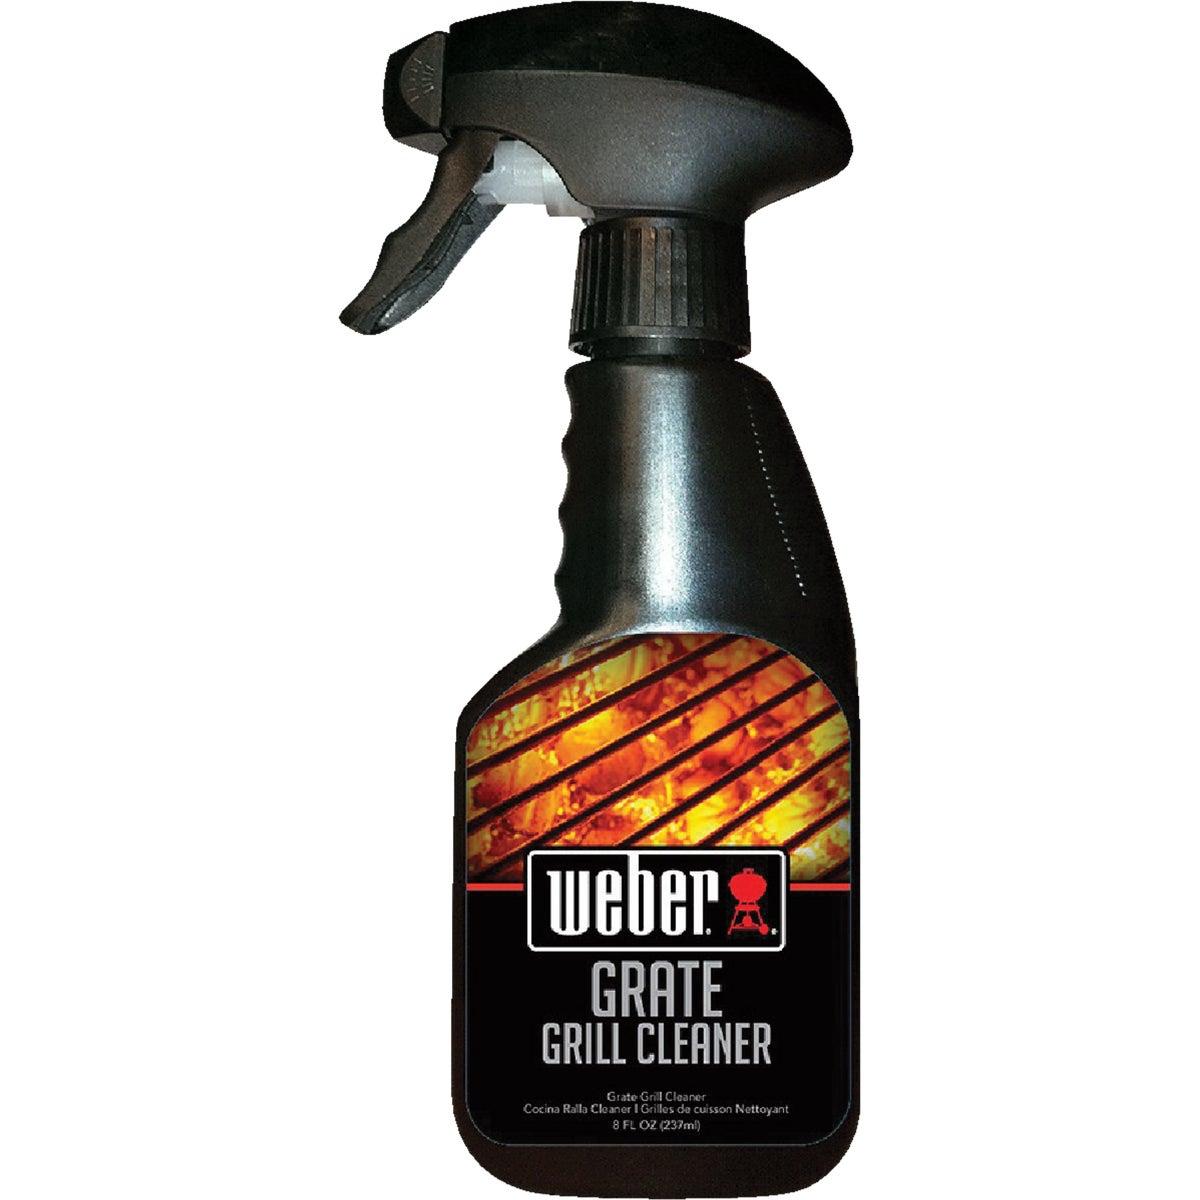 8OZ WEBER GRATE CLEANER